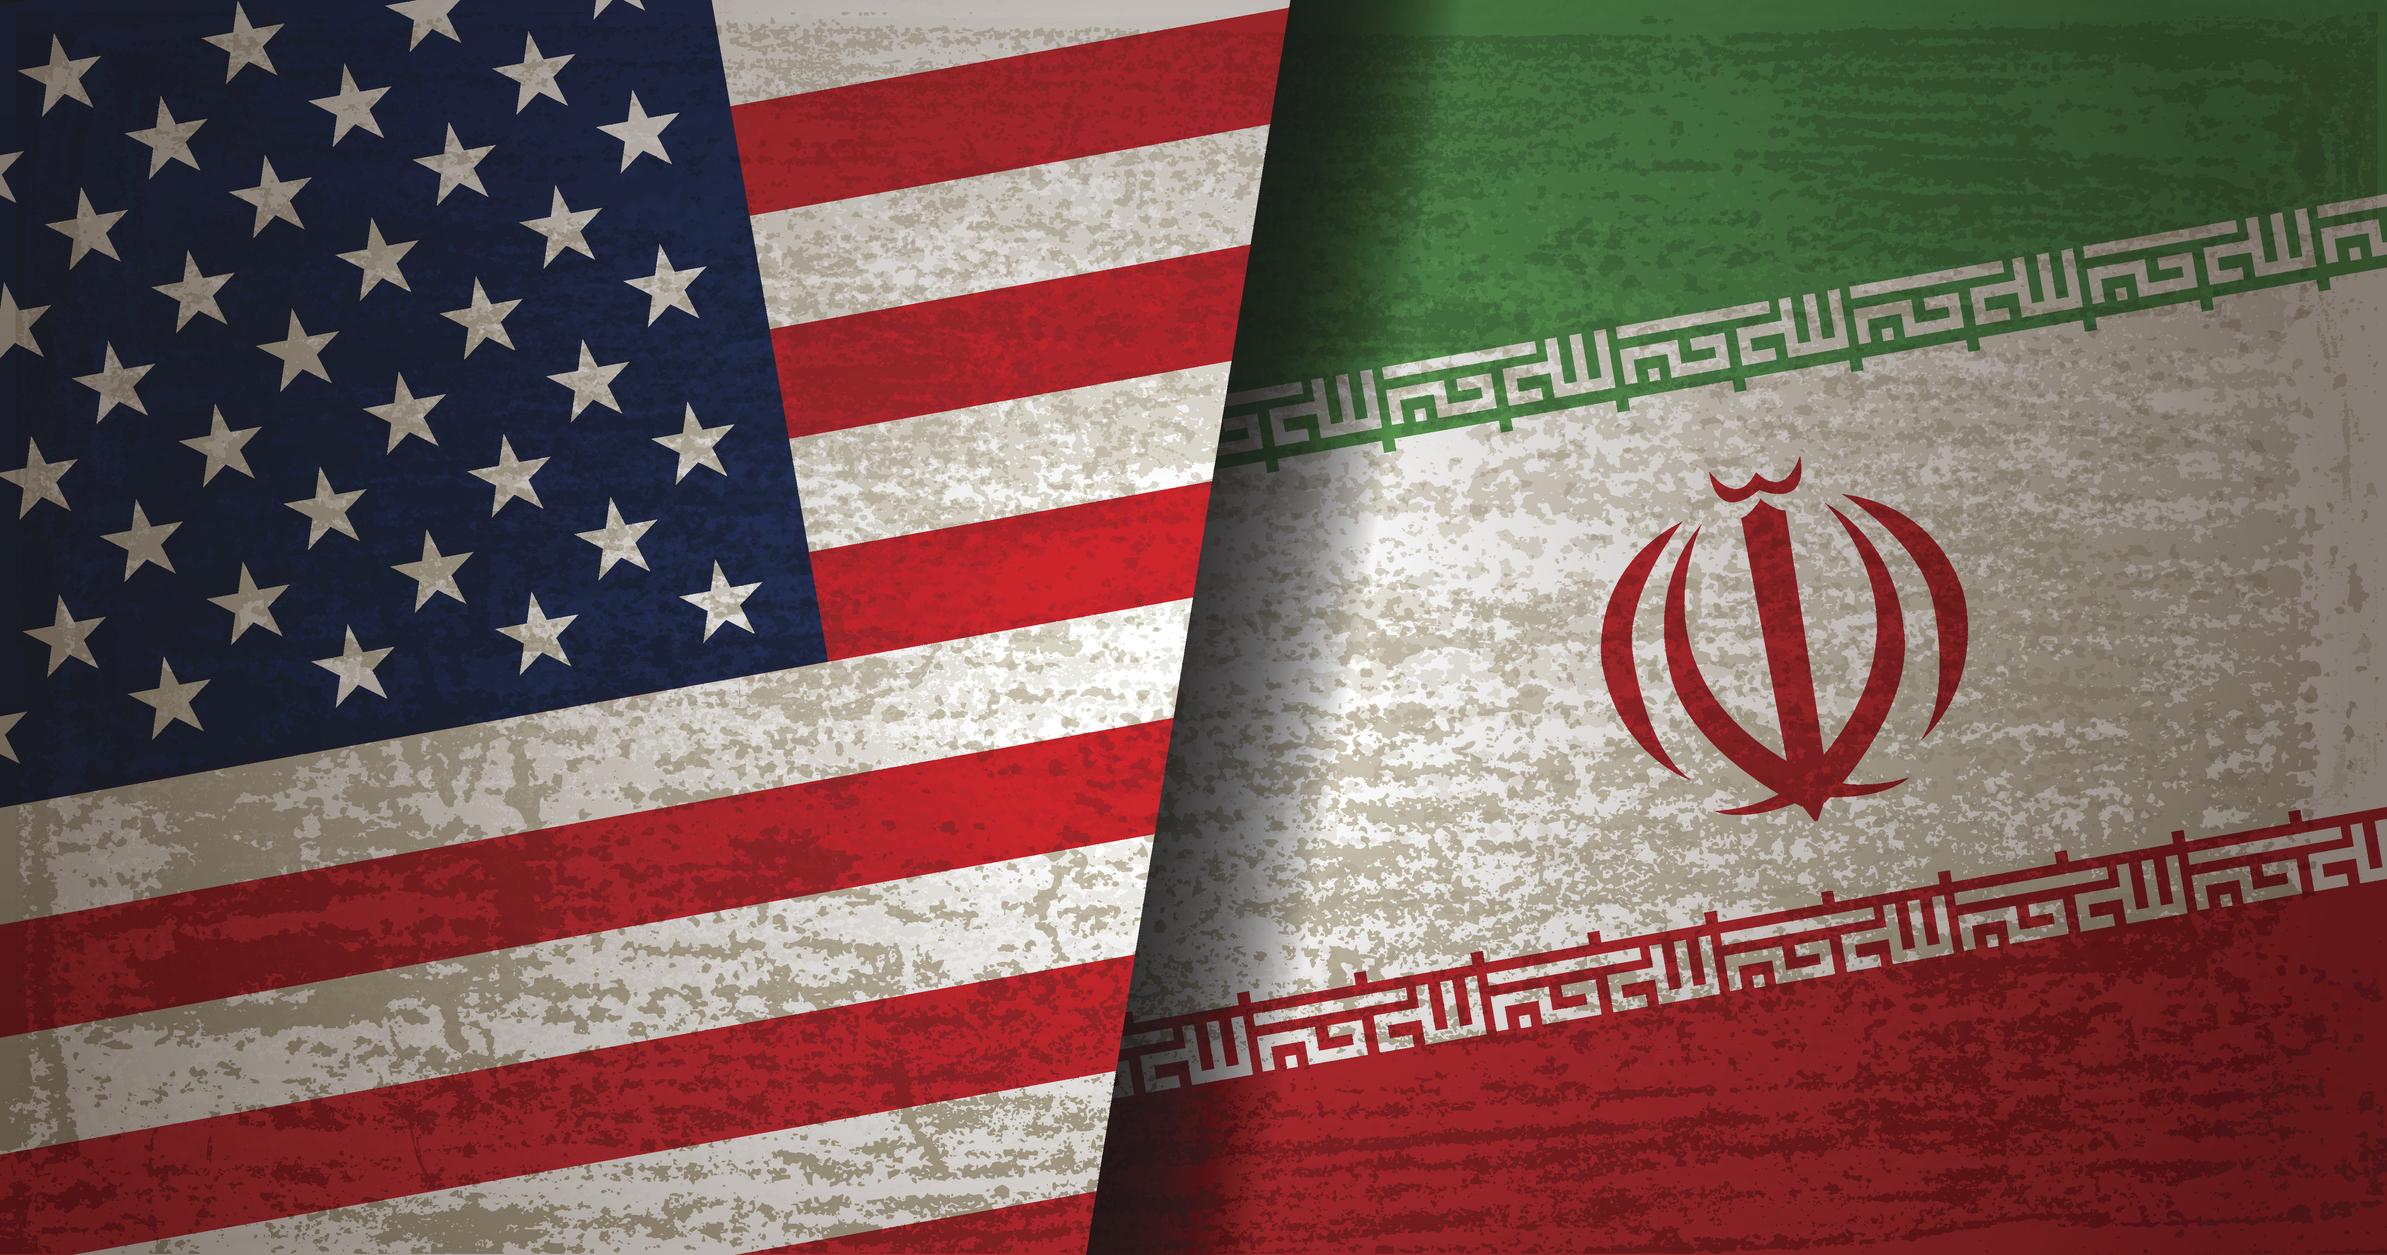 Cuba și Iranul și-au consolidat alianța împotriva SUA. Ce ar putea urma